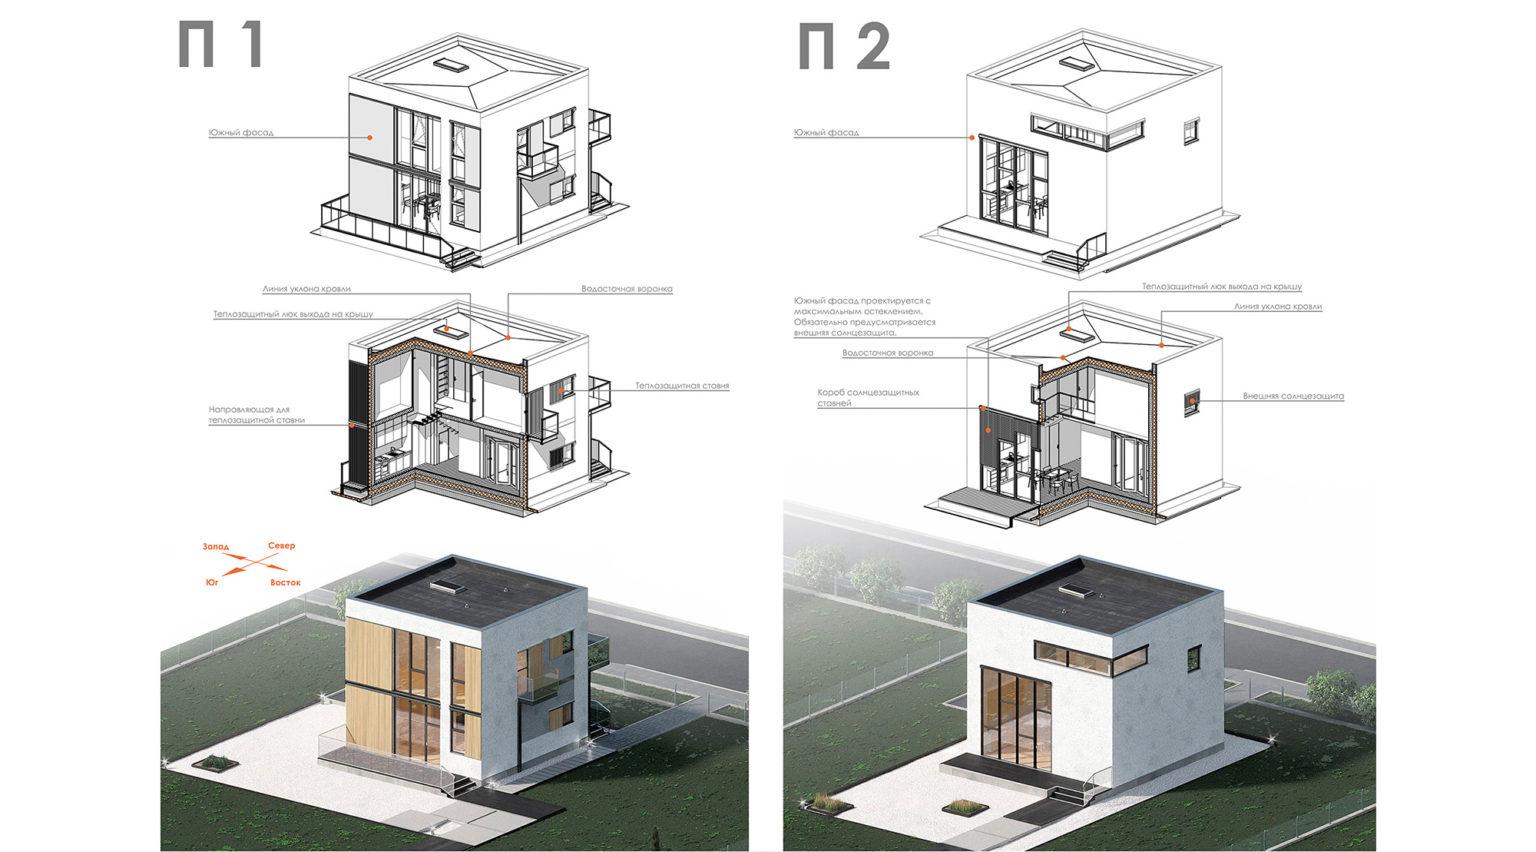 Энергоэффективный дом, автономный дом, пассивный дом, архитектура проект